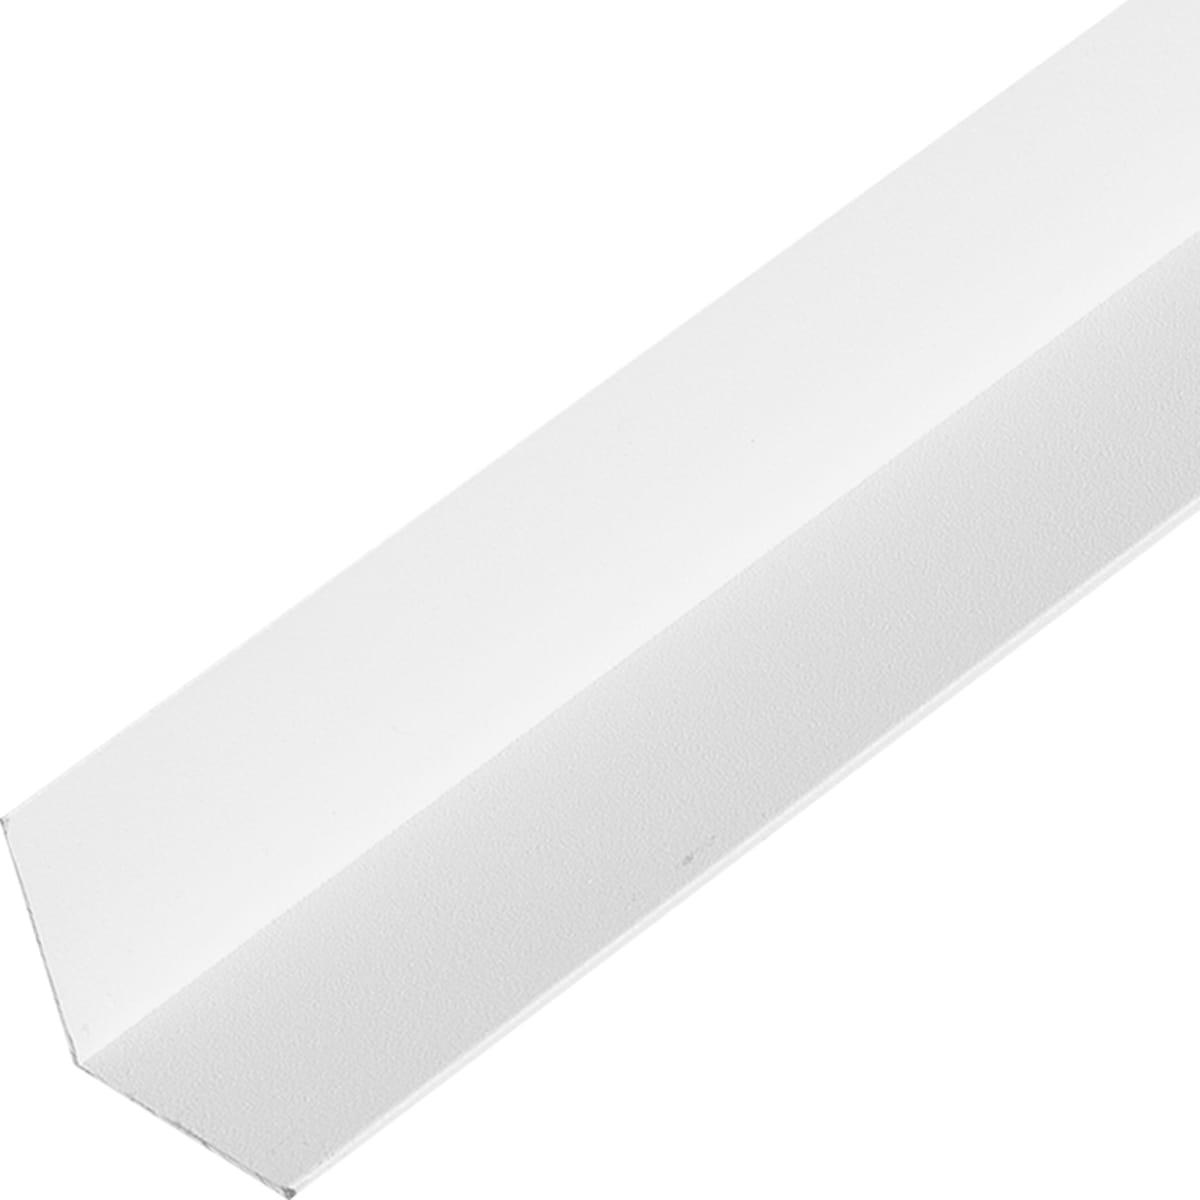 Уголок алюминиевый 20х20х1, 2 м, белый муар